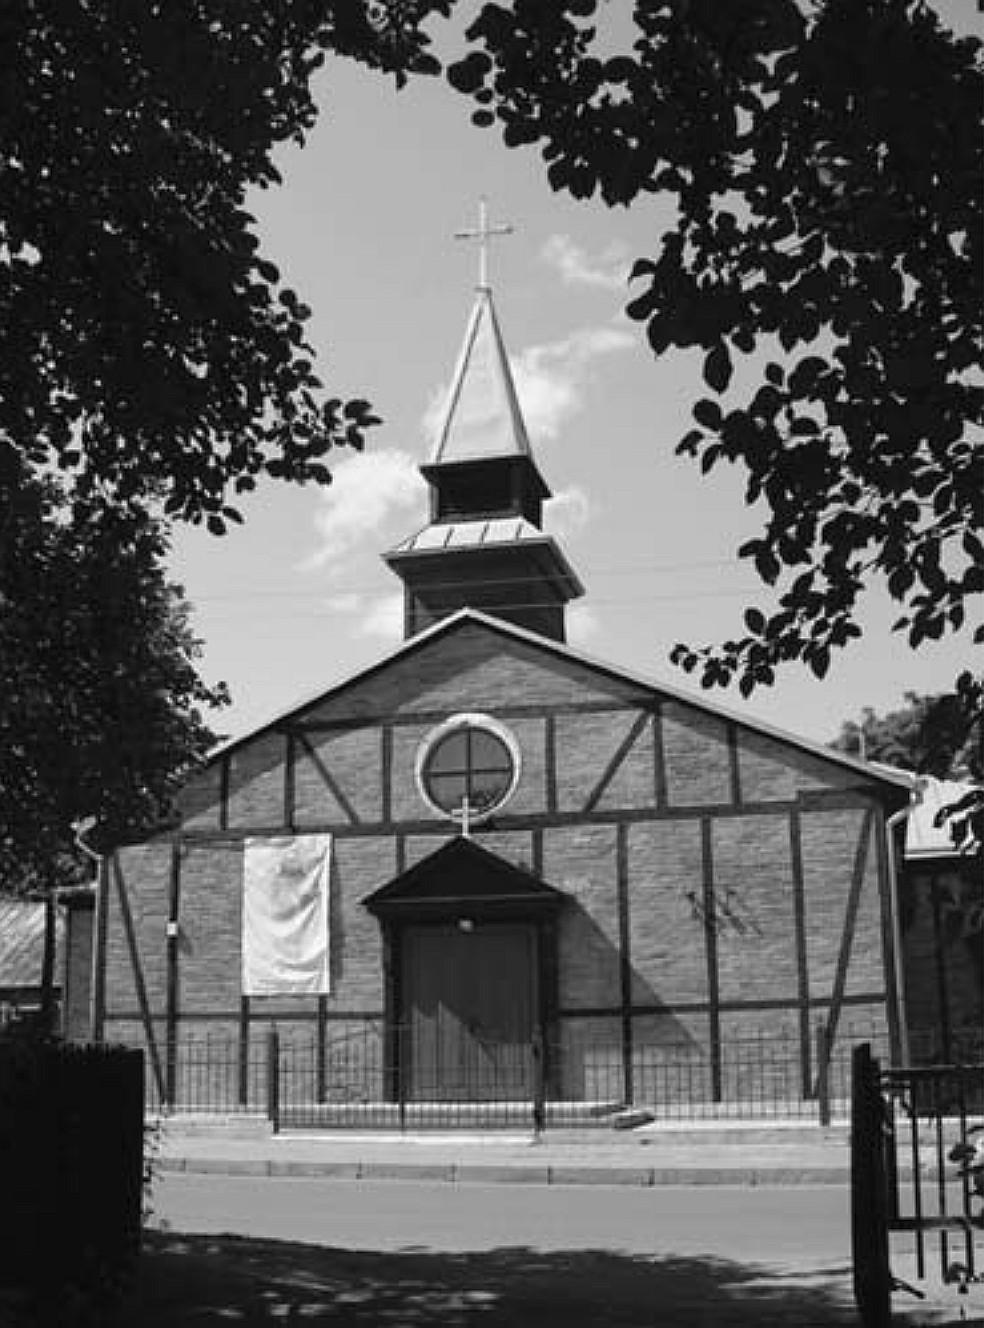 11 il. Karolis Reisonas, Mažoji Kristaus Prisikėlimo bažnyčia, 2011, Aido Vasiliausko nuotrauka